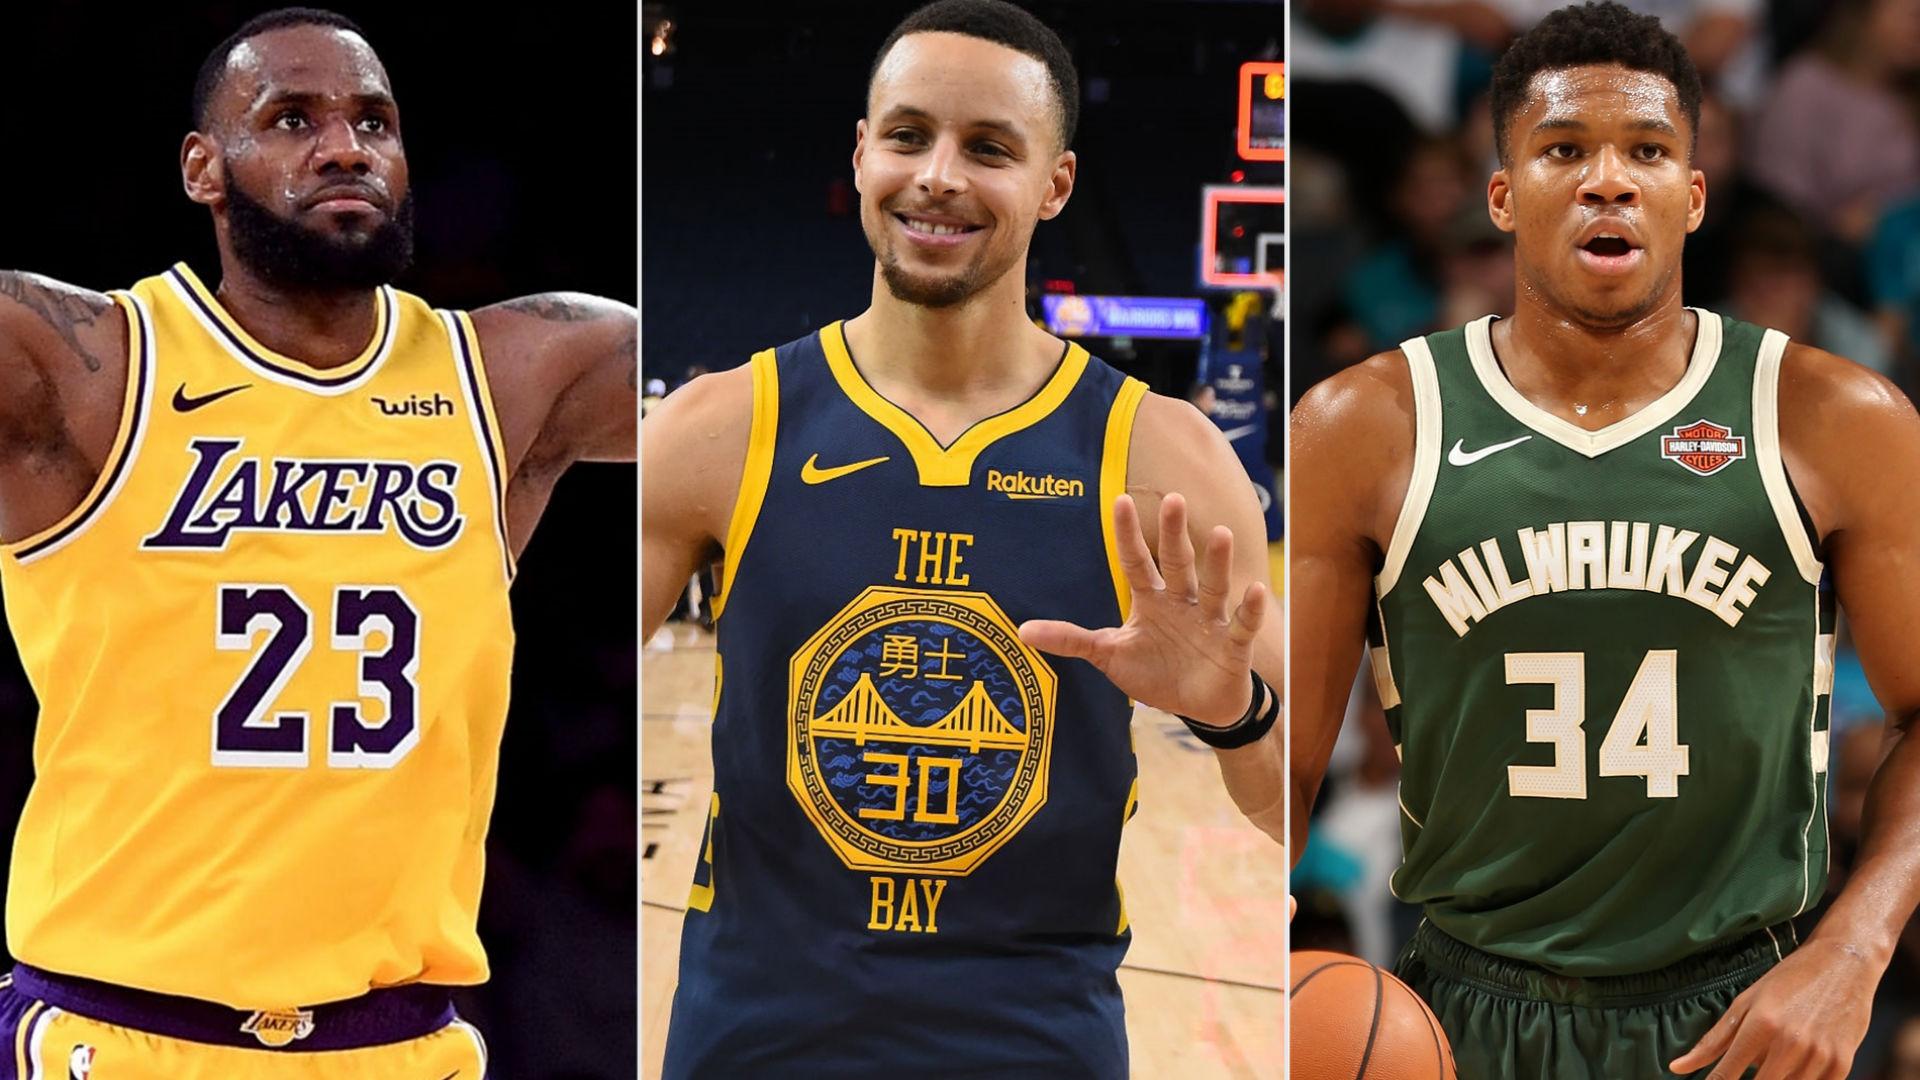 a8ed5b4132f4 NBA All-Star 2019  ¿Quiénes son los que más posibilidades tienen de ser  titulares